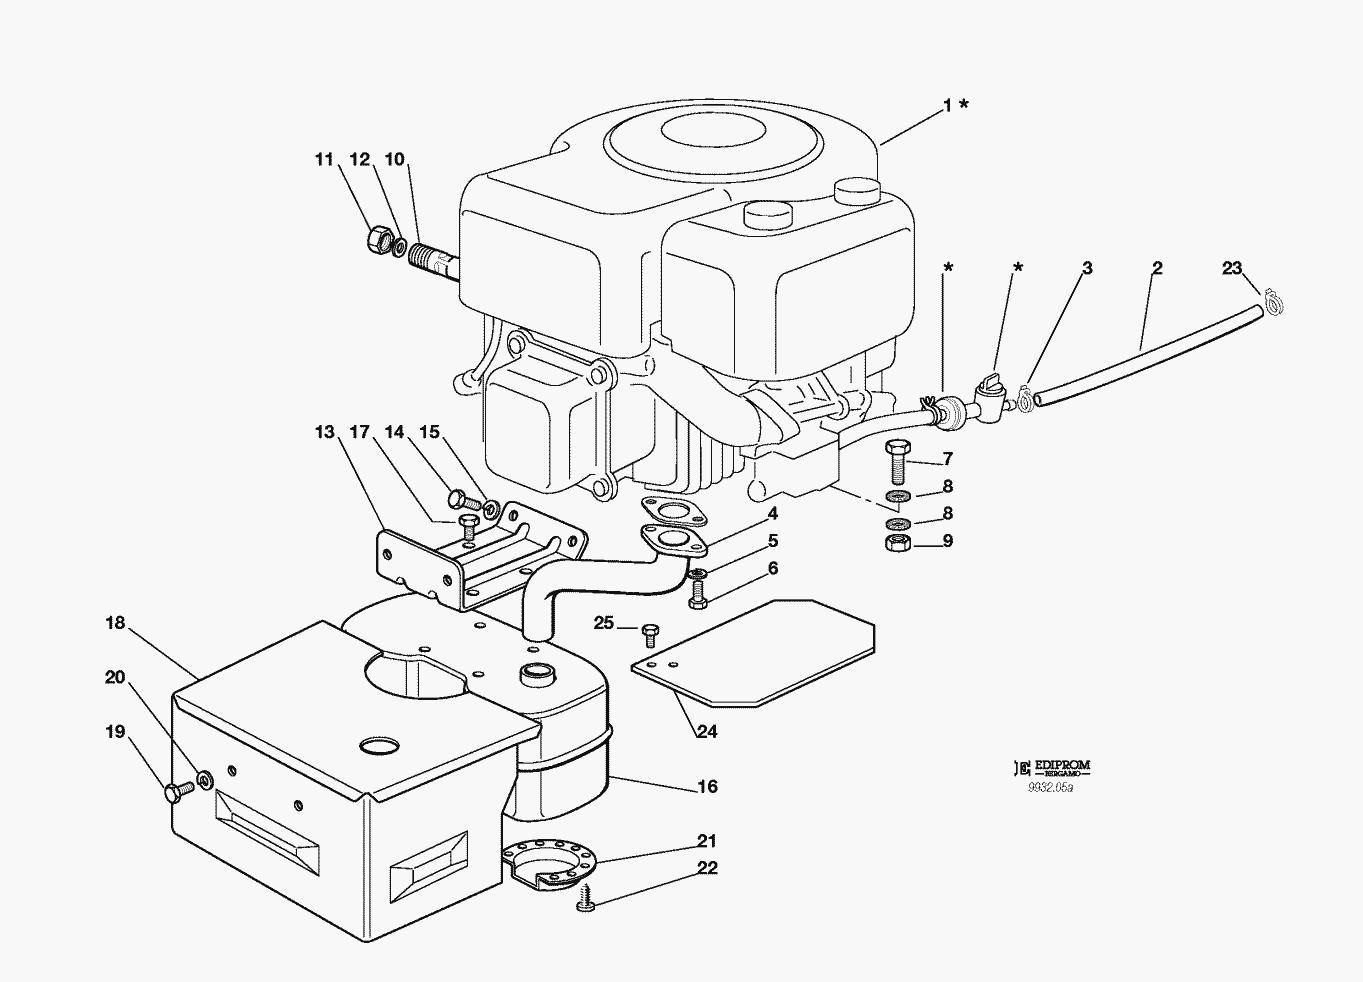 mtd lawn mower engine diagram